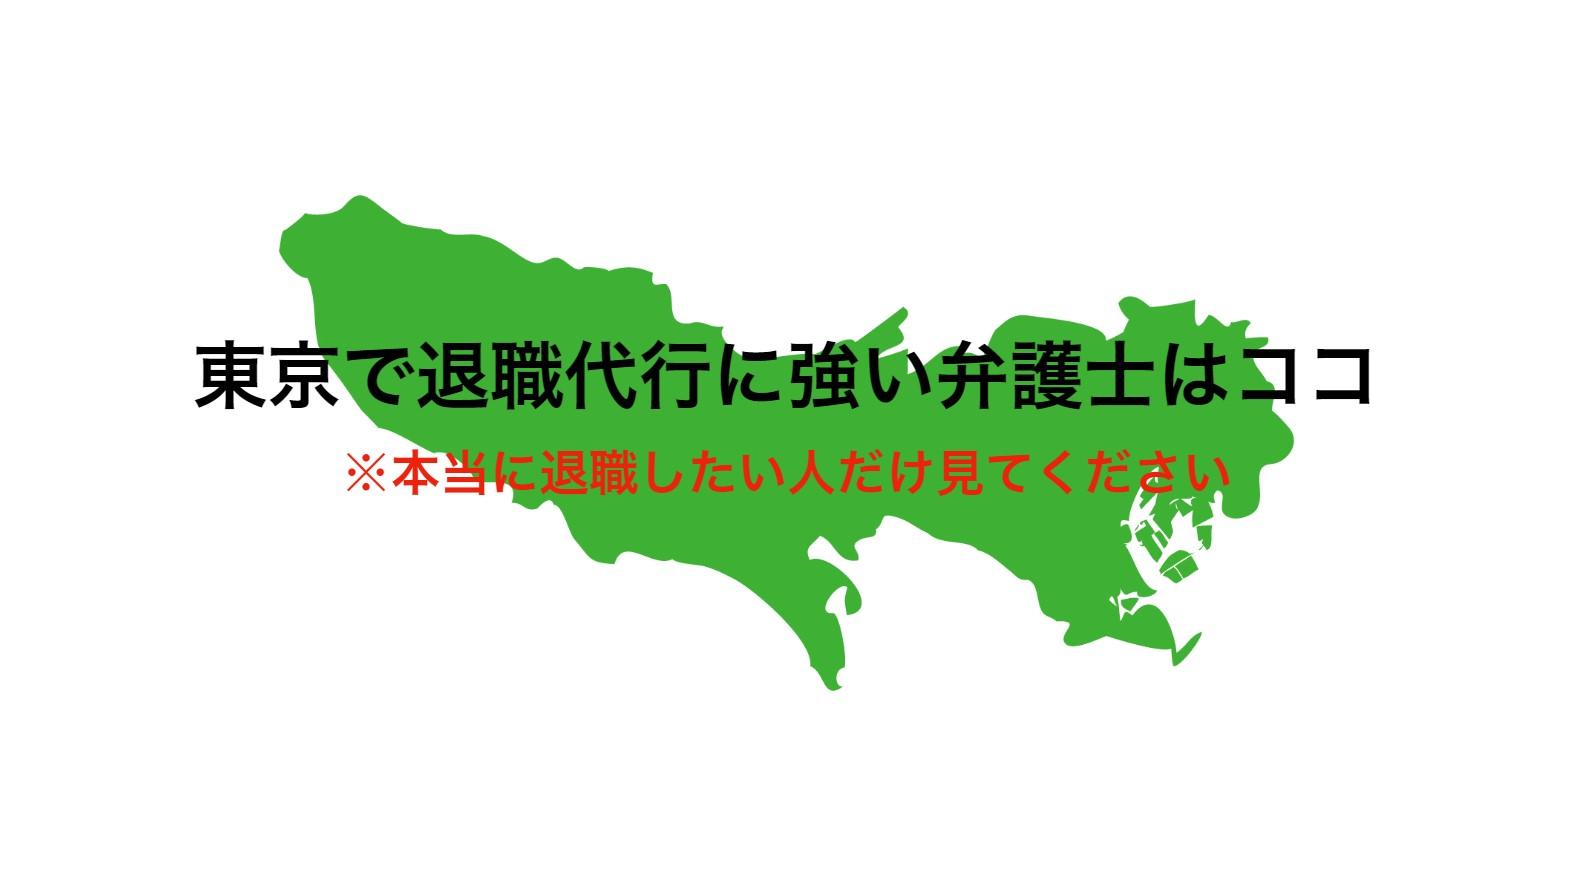 東京 退職代行サービス おすすめ